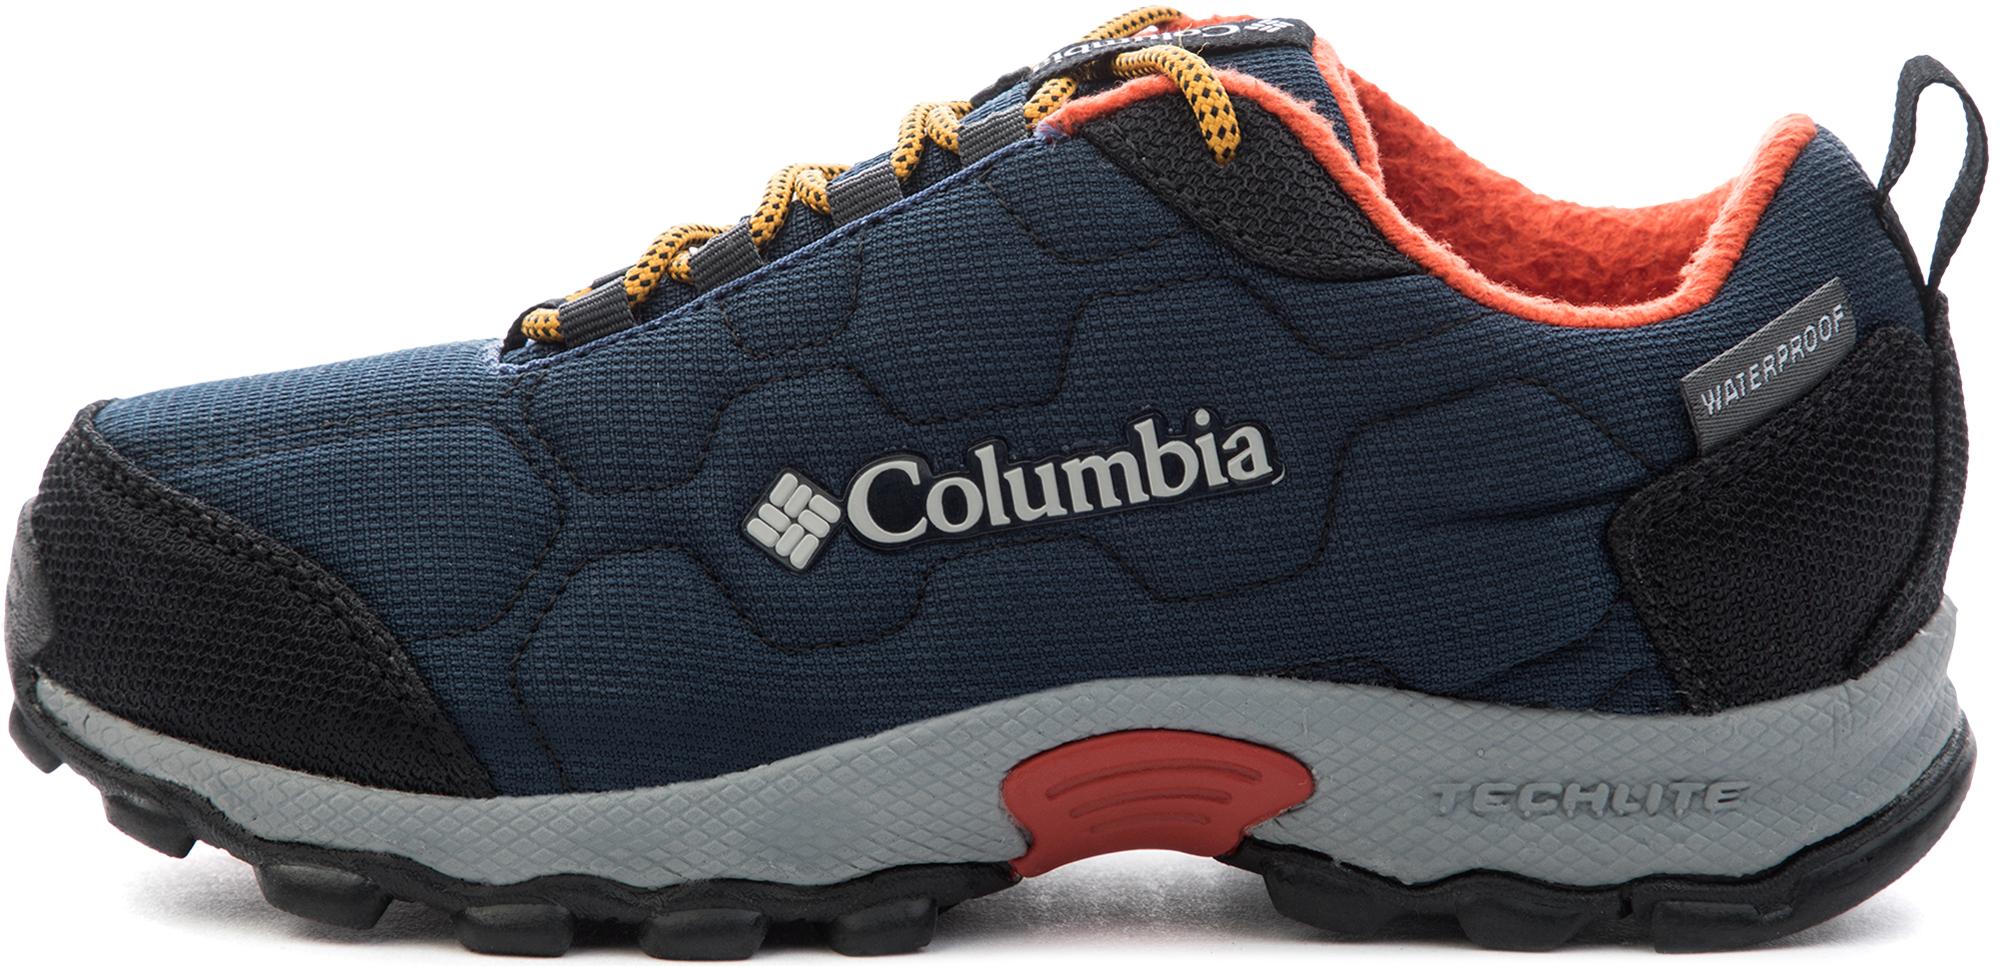 Columbia Ботинки утепленные для мальчиков Columbia Youth Firecamp Sledder 3, размер 39 columbia ботинки утепленные мужские columbia firecamp размер 43